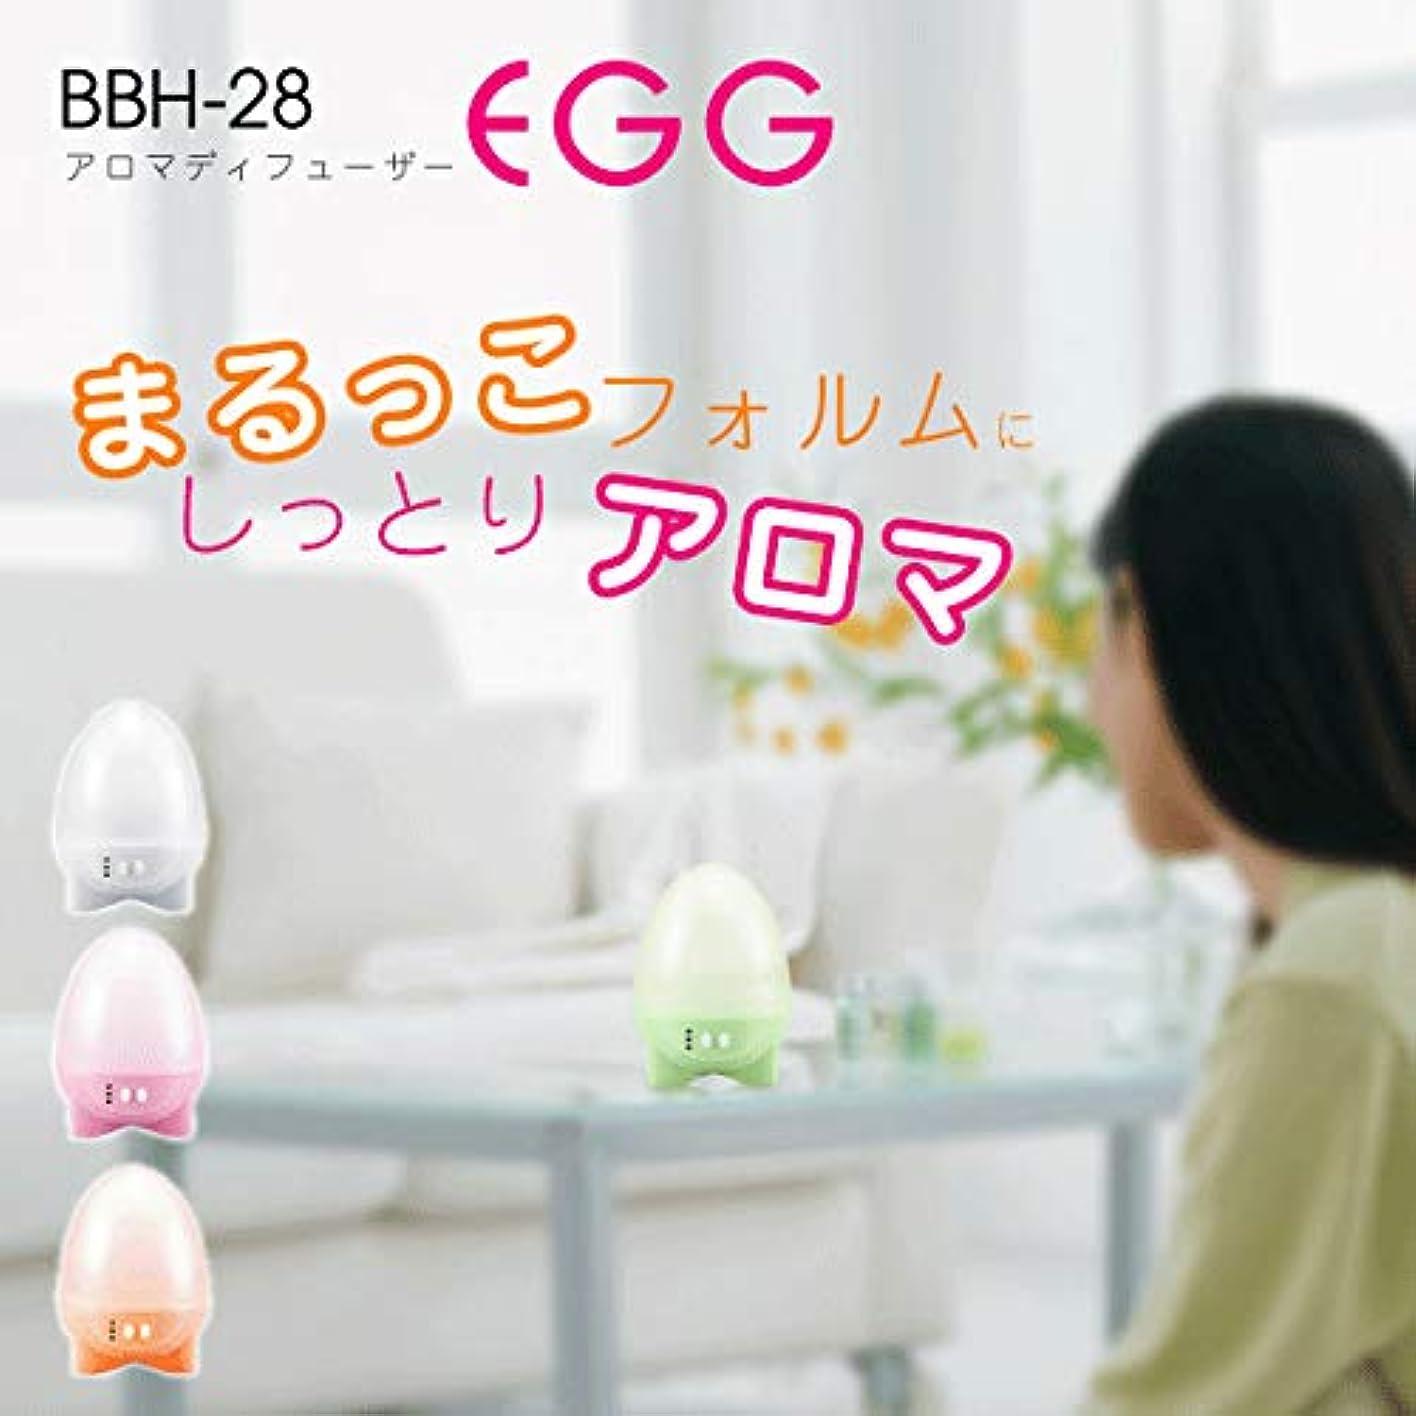 狭い爬虫類たらいPRISMATE(プリズメイト)アロマディフューザー Egg BBH-28 [在庫有]